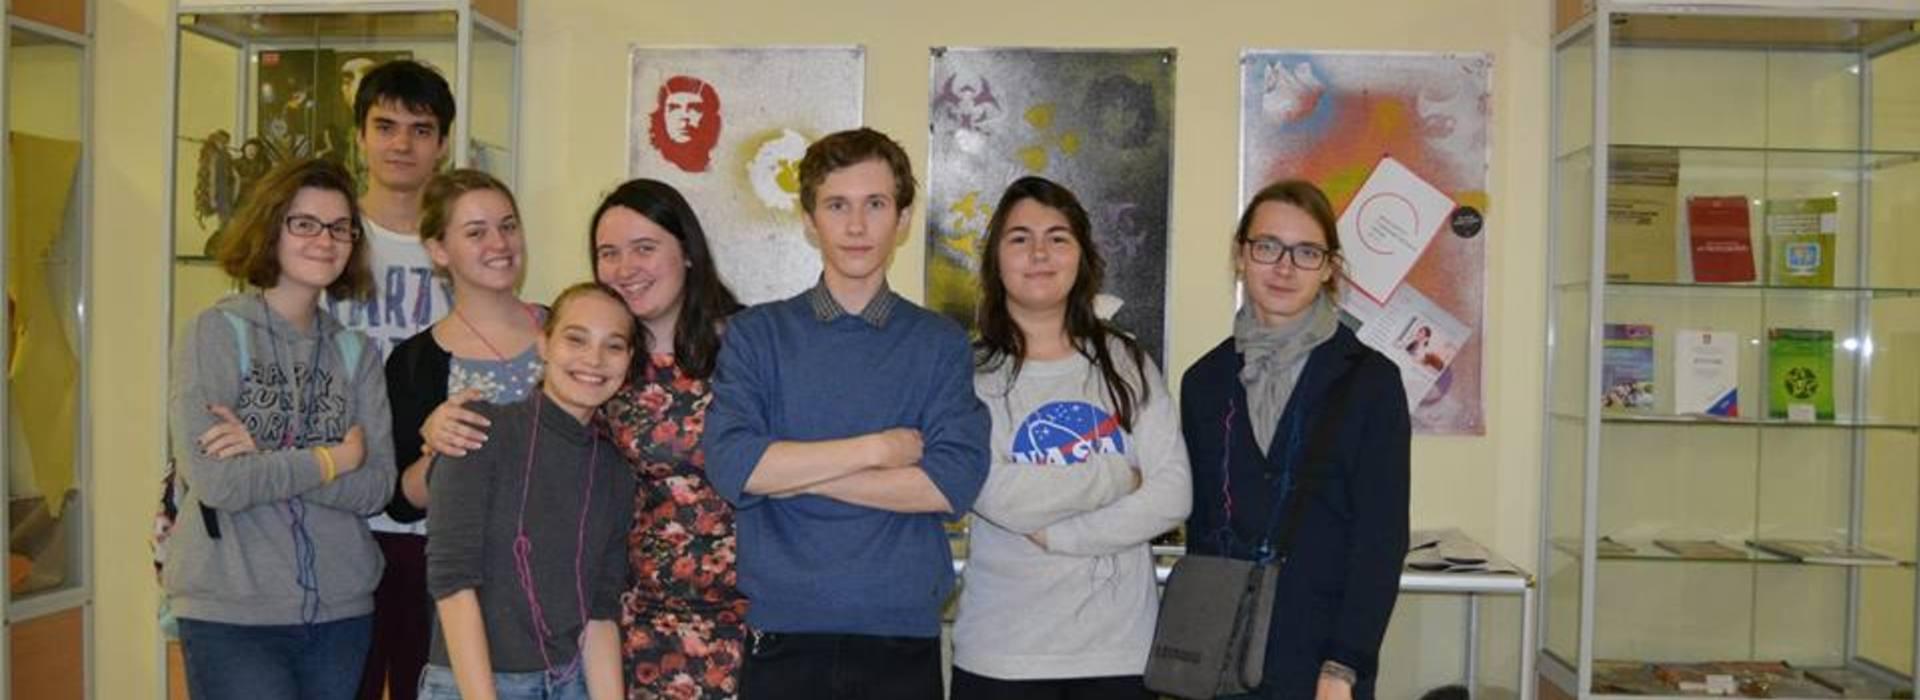 Музей молодежных субкультур